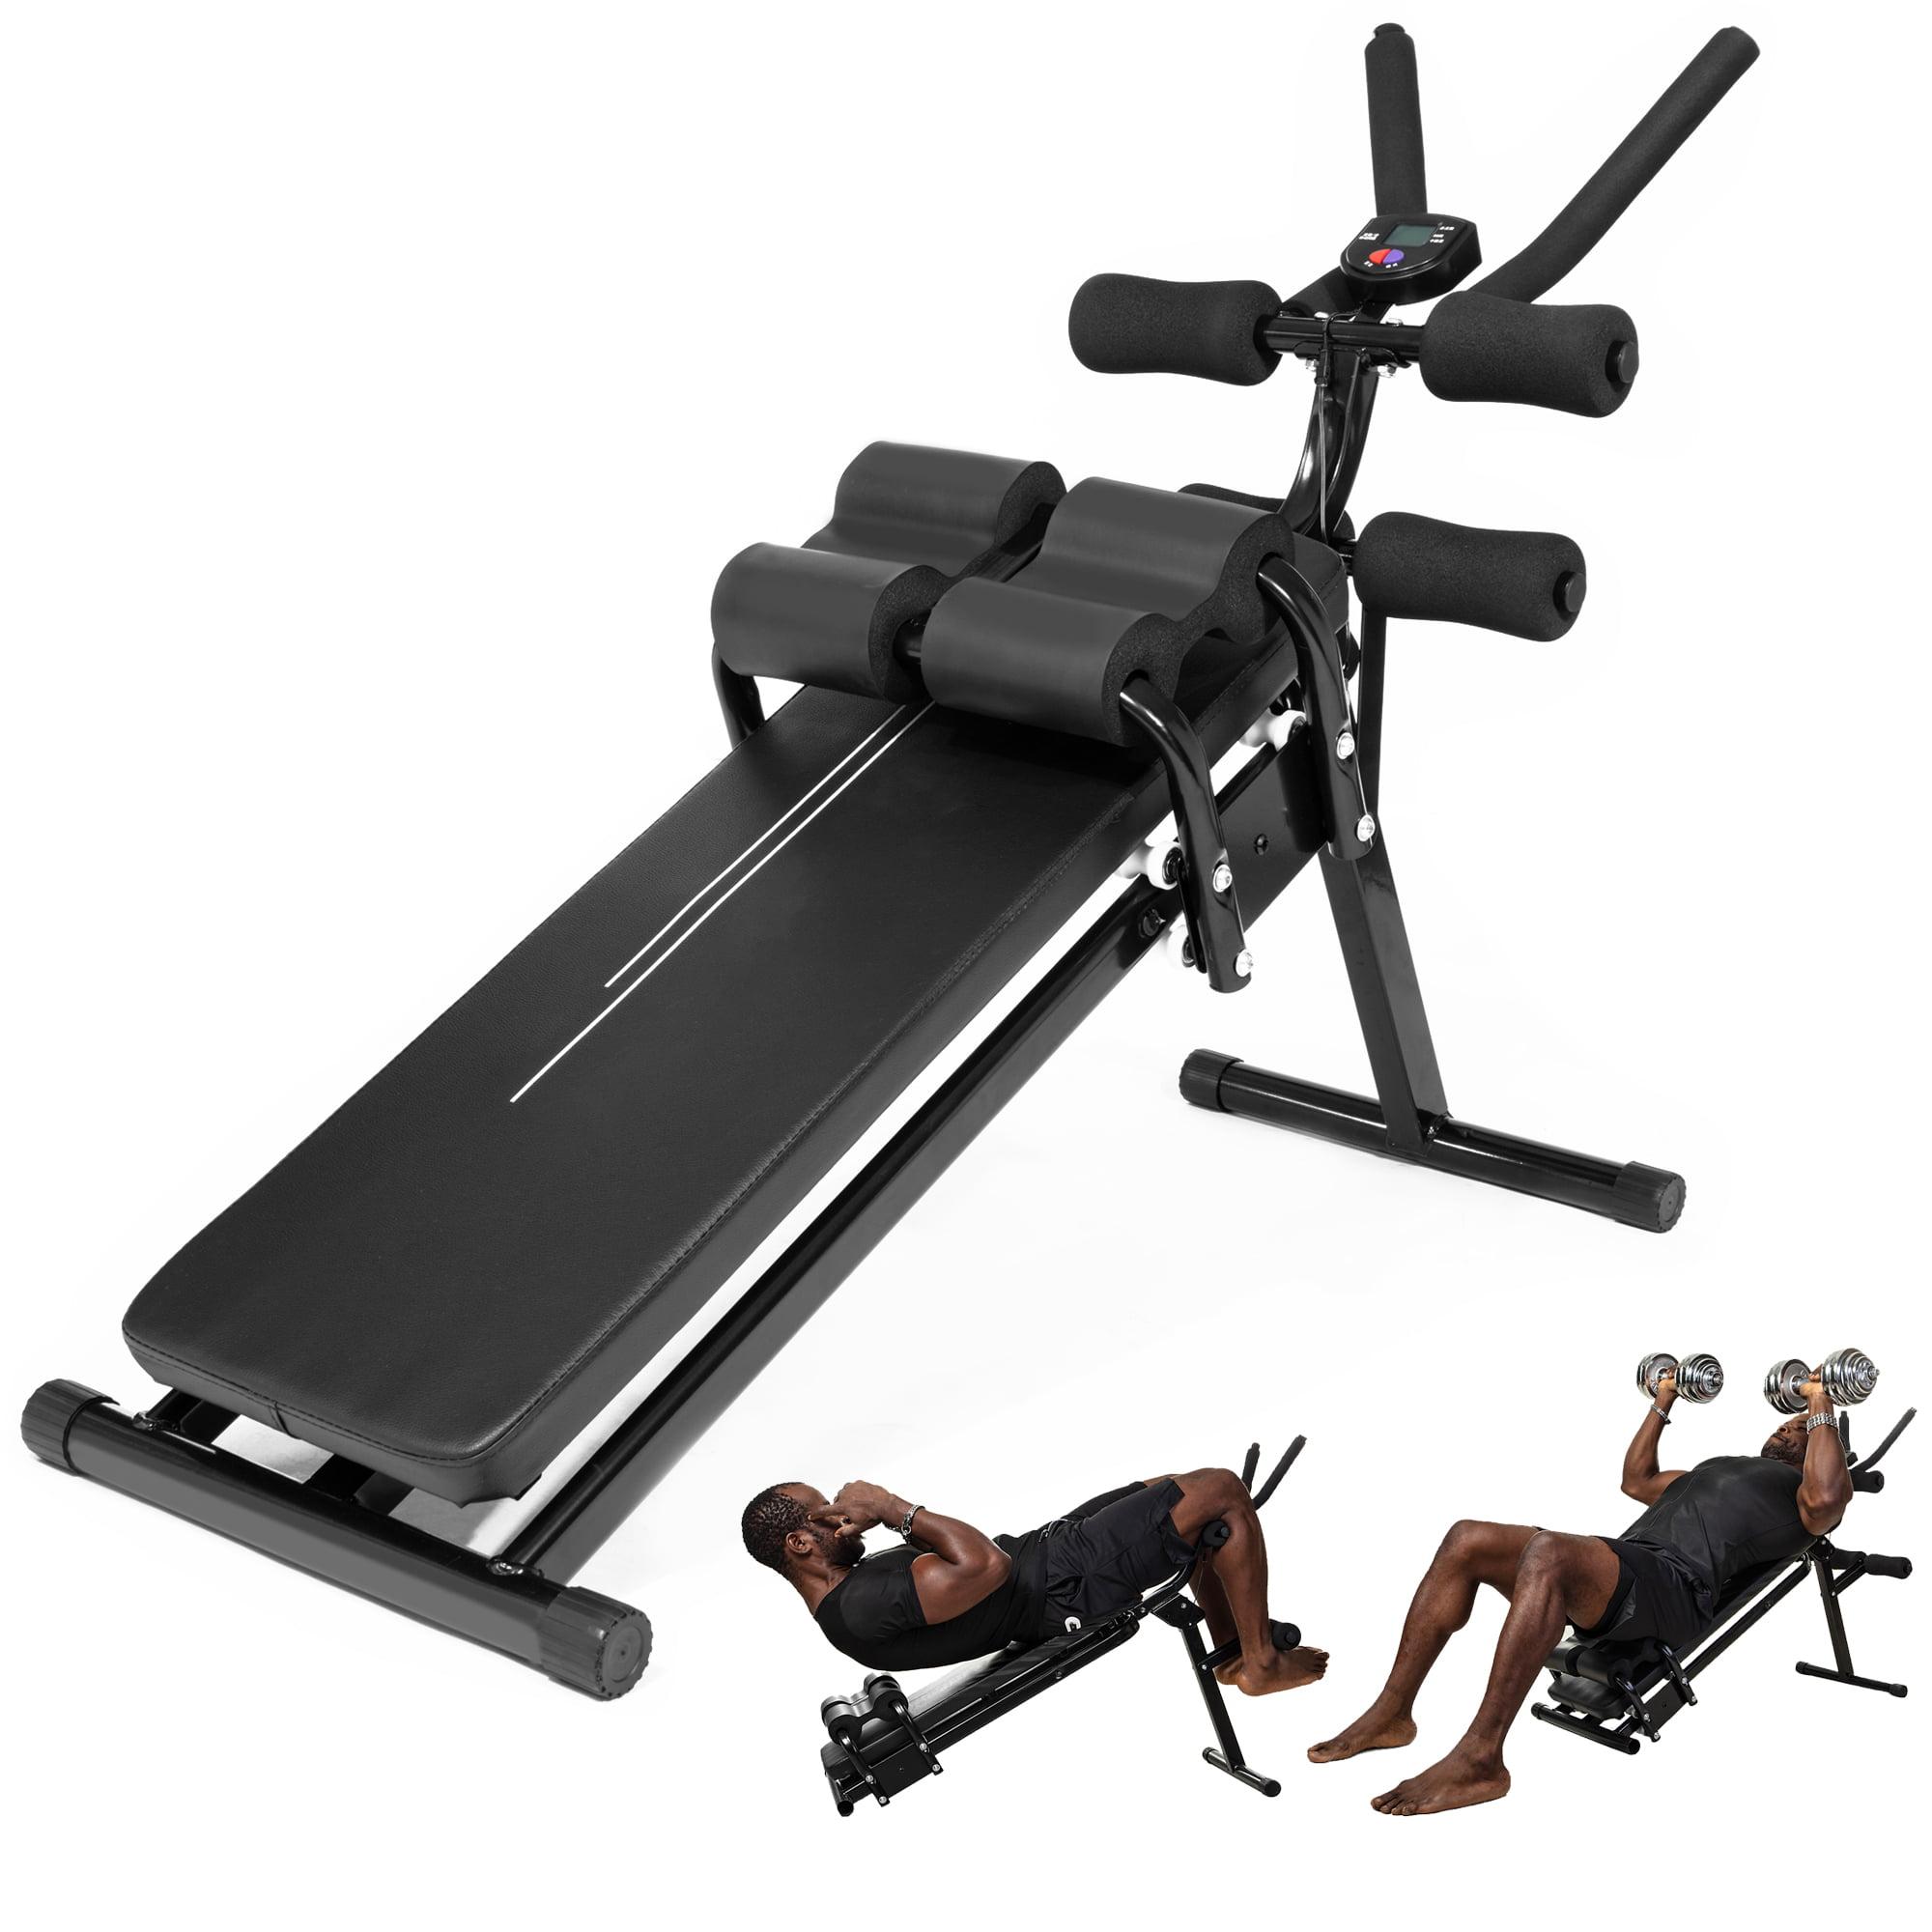 Abdominal Trainer Machine Ab Crunch Machine Sit Up Bench Abdominal Tummy Exercise Equipment Ab ...